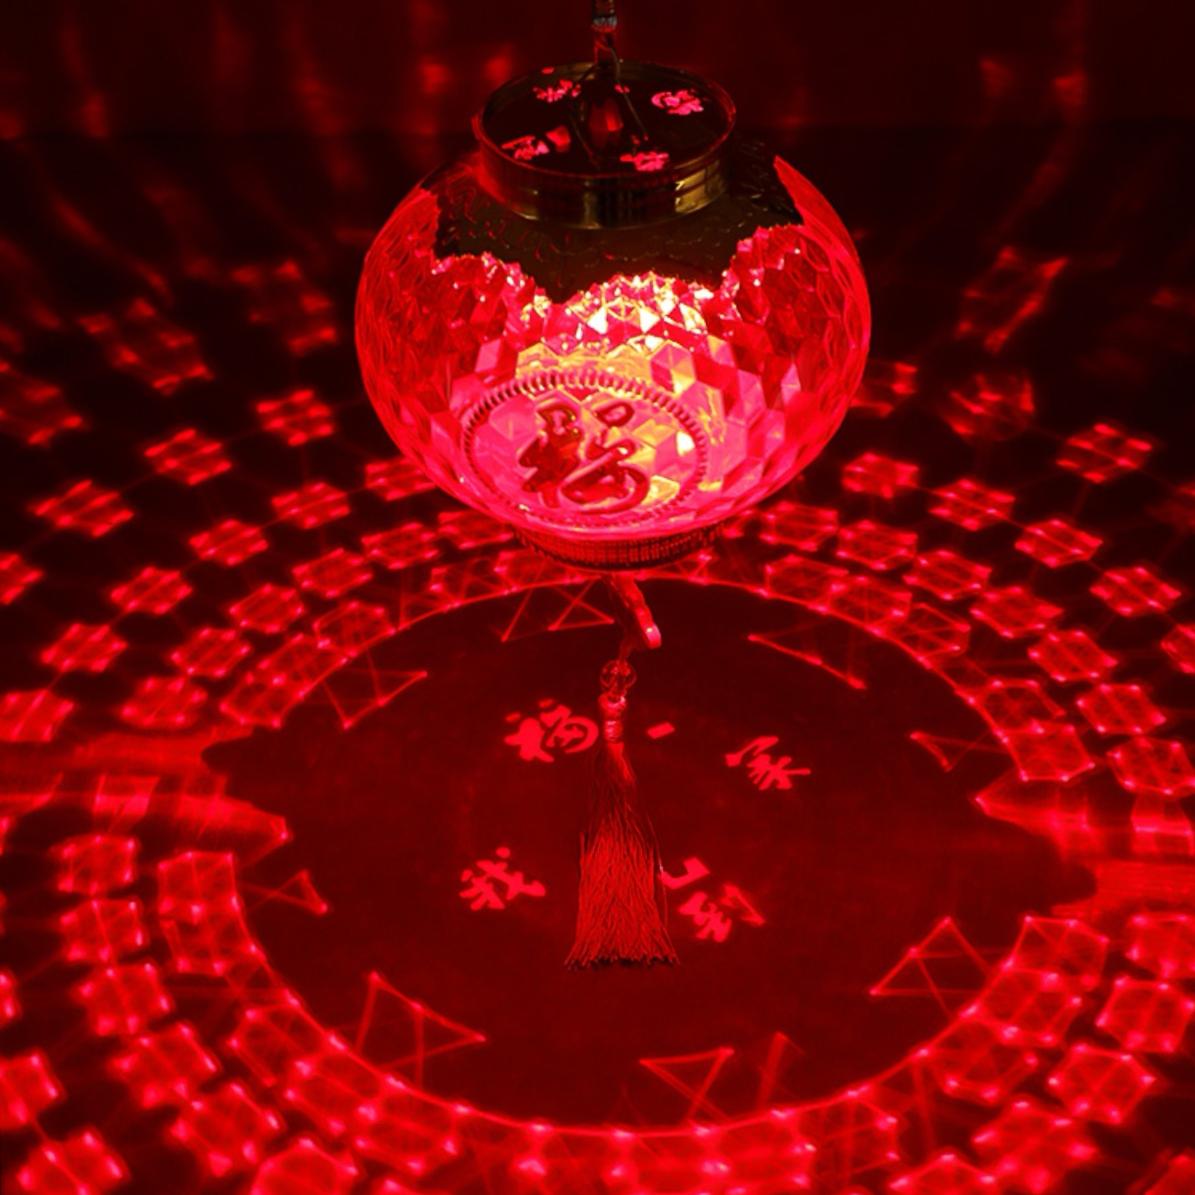 镭射水晶园灯投射福灯夜间透光福字园灯电池灯